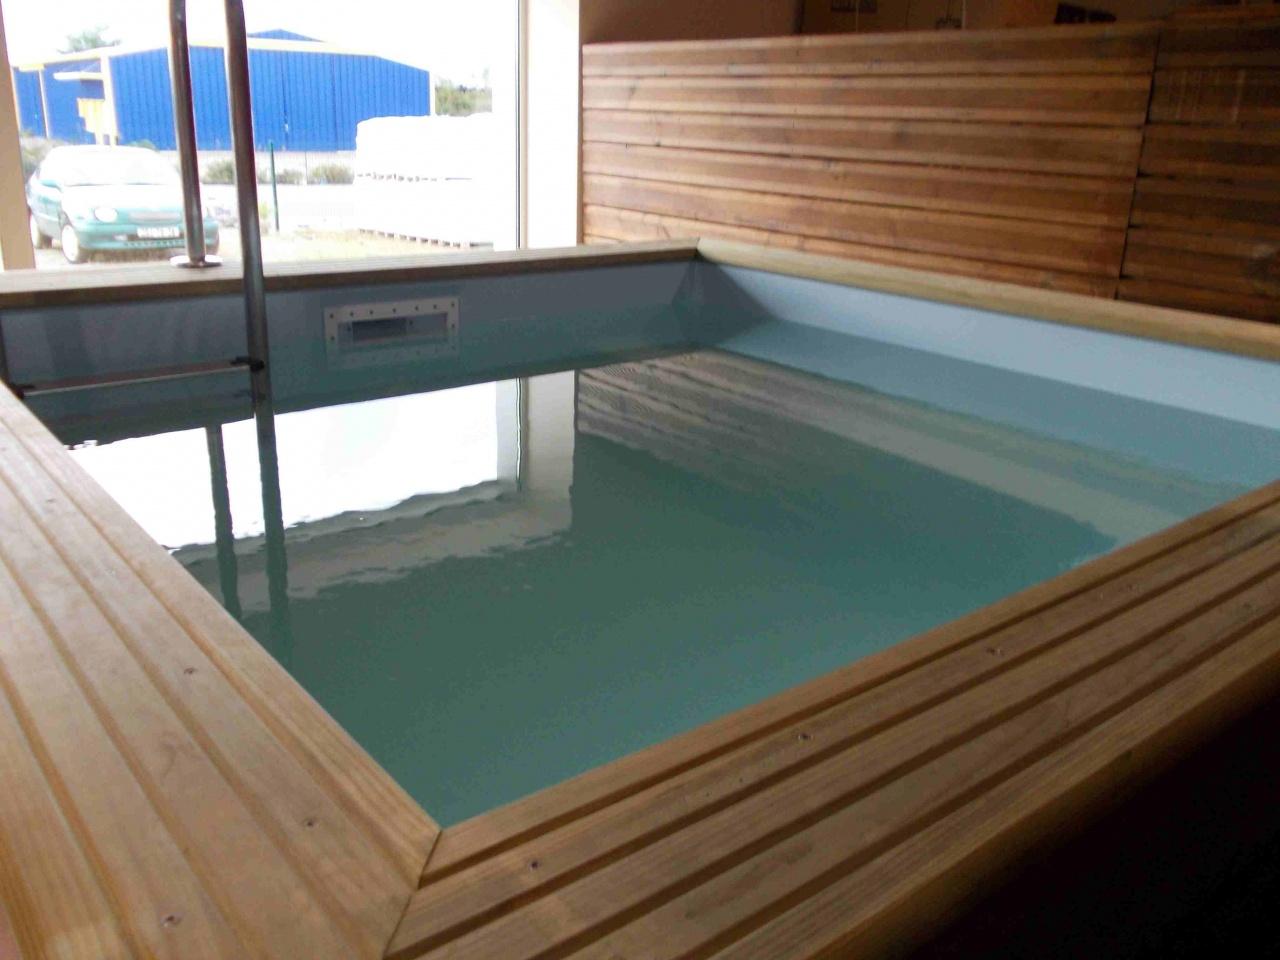 Le blog de la piscine bois juin 2013 for Piscine bois carre